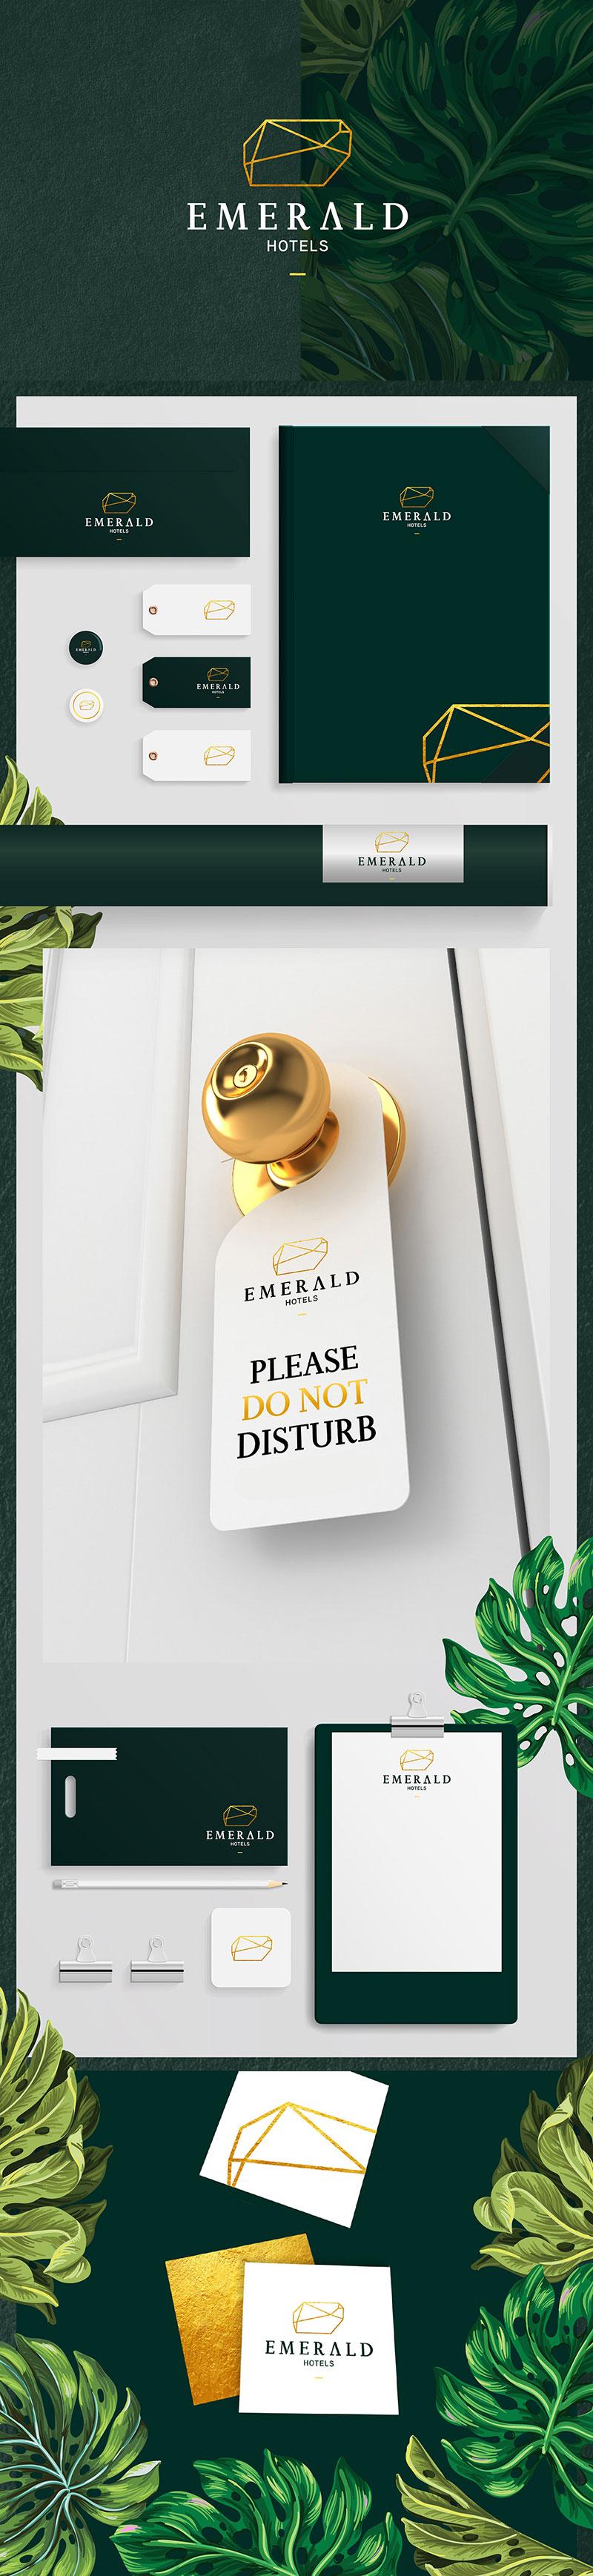 EMERALD HOTELS by Hadeel Sayed Ahmad